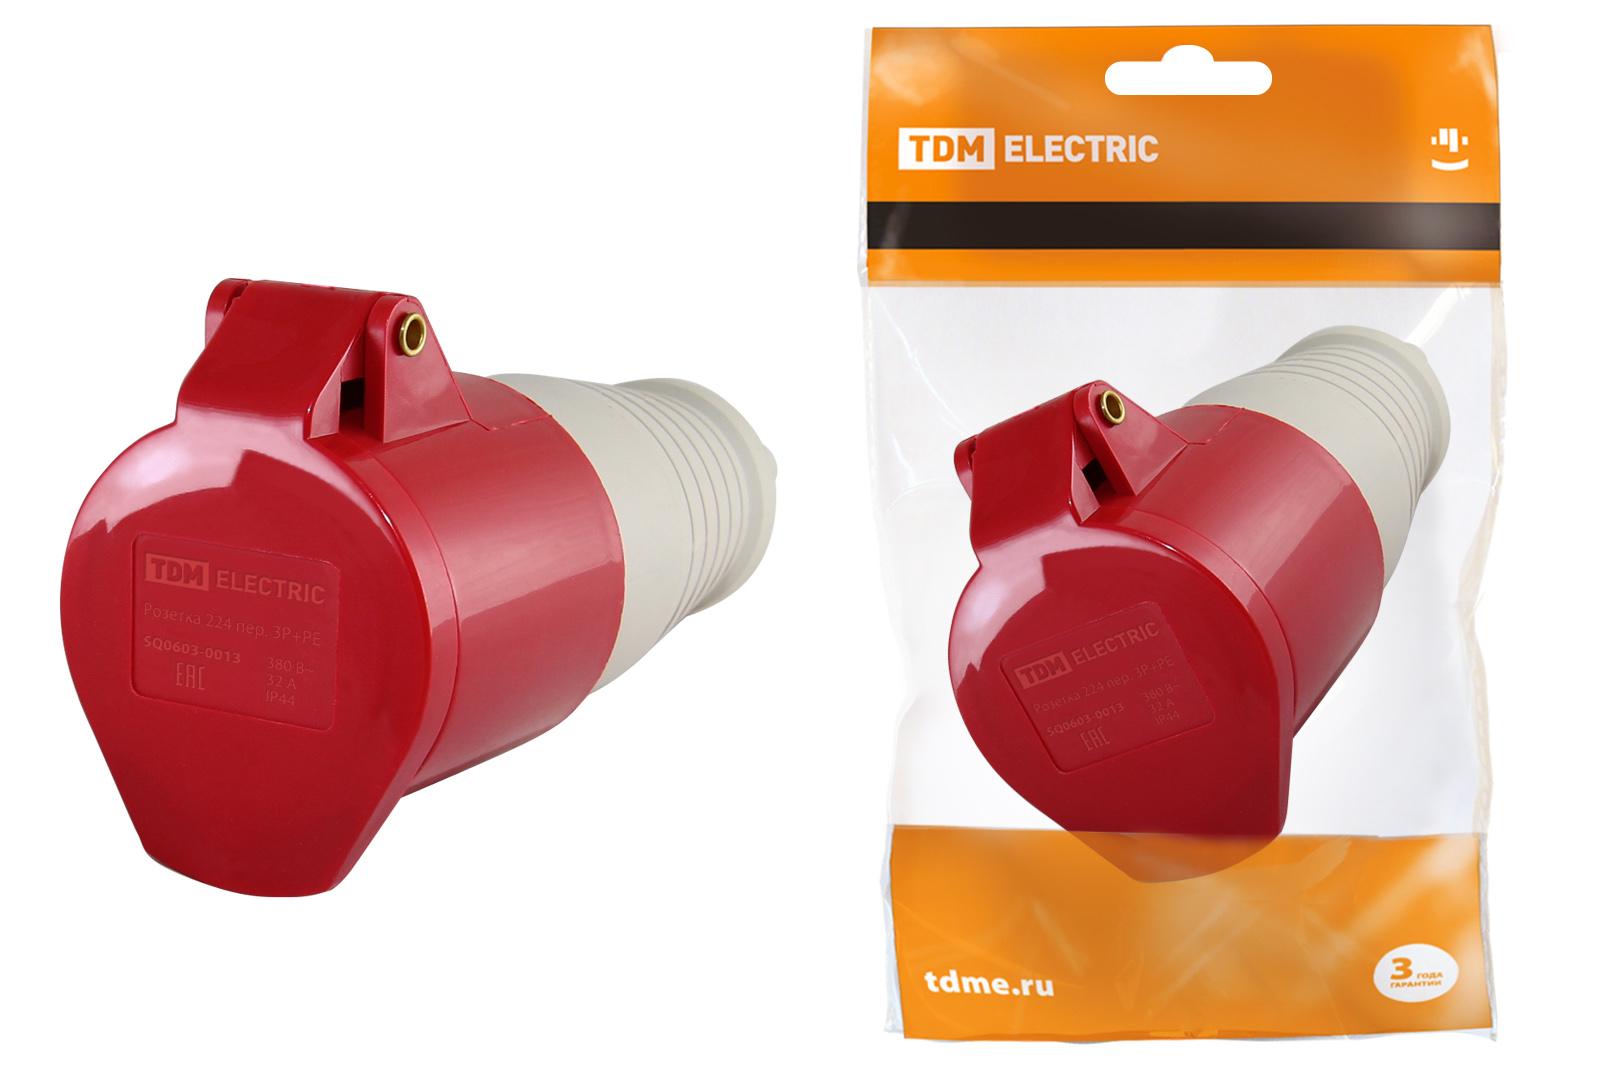 Розетка кабельная ТДМ Sq0603-0013